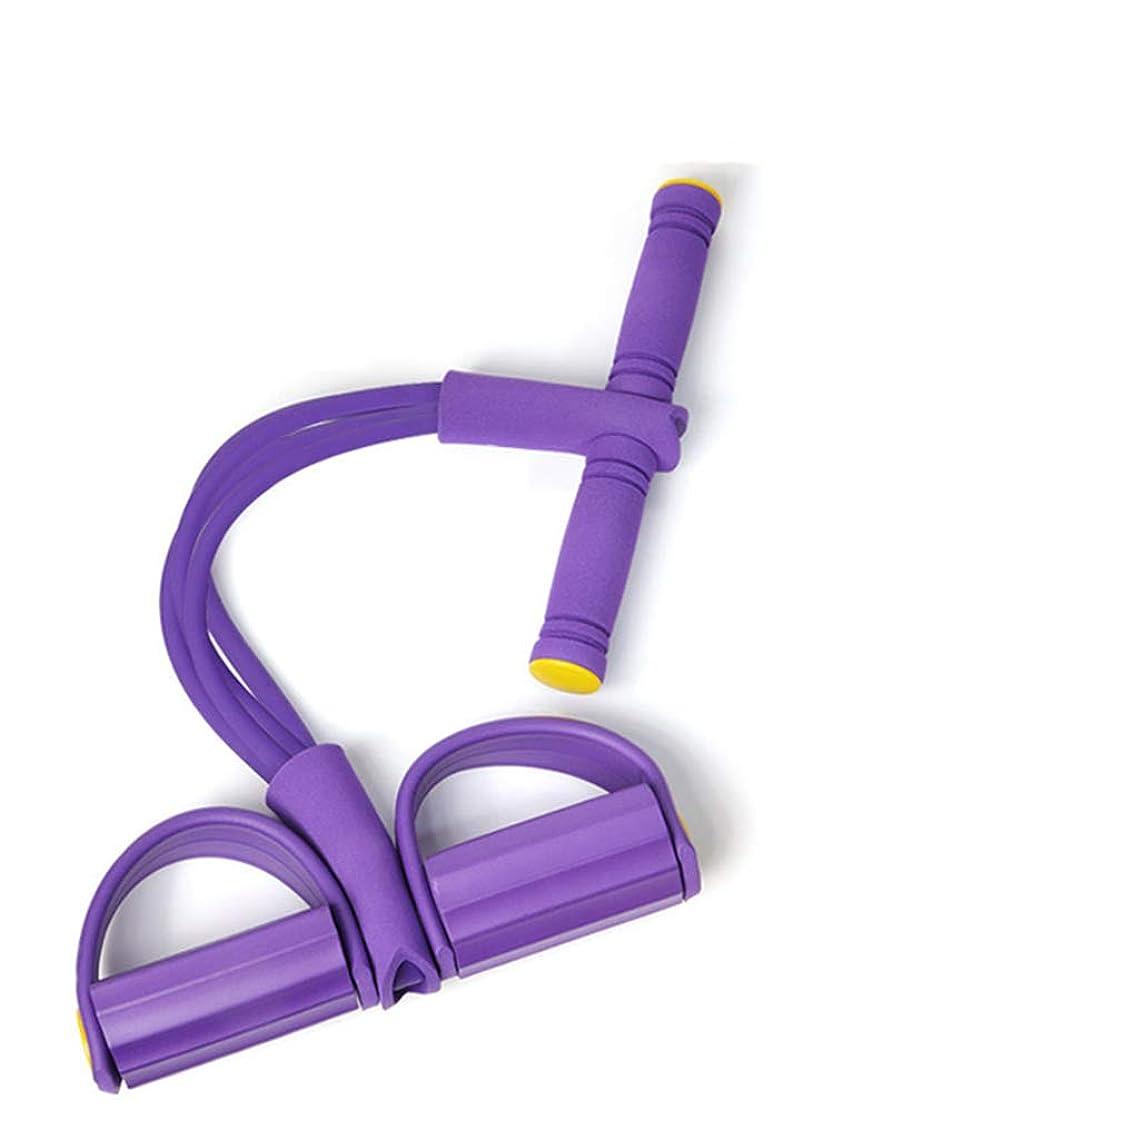 ホーン眠り略奪抵抗バンド装置シットアッププラー、減量ウエスト腹部ヨガトレーニング整形練習腕/脚/肩/腹部オフィスエクササイズ,Purple